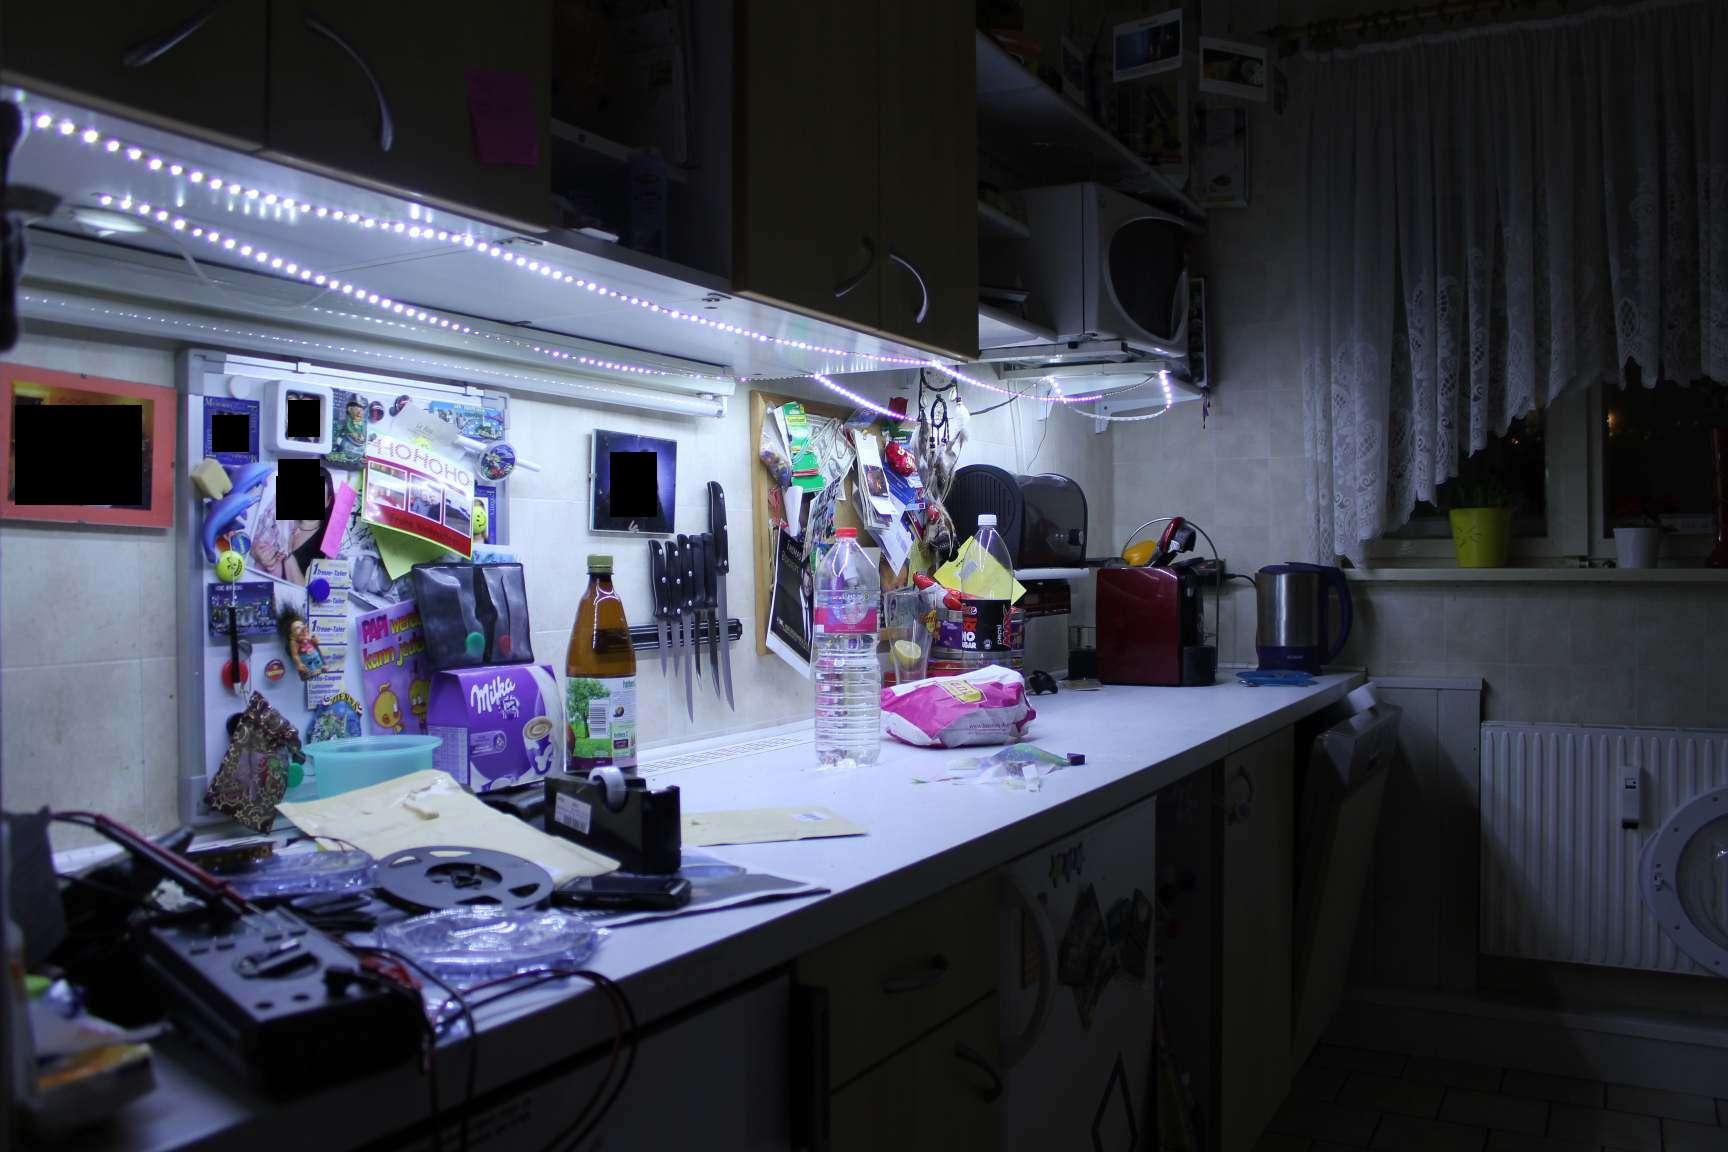 Full Size of Beleuchtung Küche Kche Led Doppelblock Pentryküche Tapeten Für Die Bodenfliesen Kreidetafel Kleiner Tisch Gardinen Pino Weisse Landhausküche Abfalleimer Wohnzimmer Beleuchtung Küche